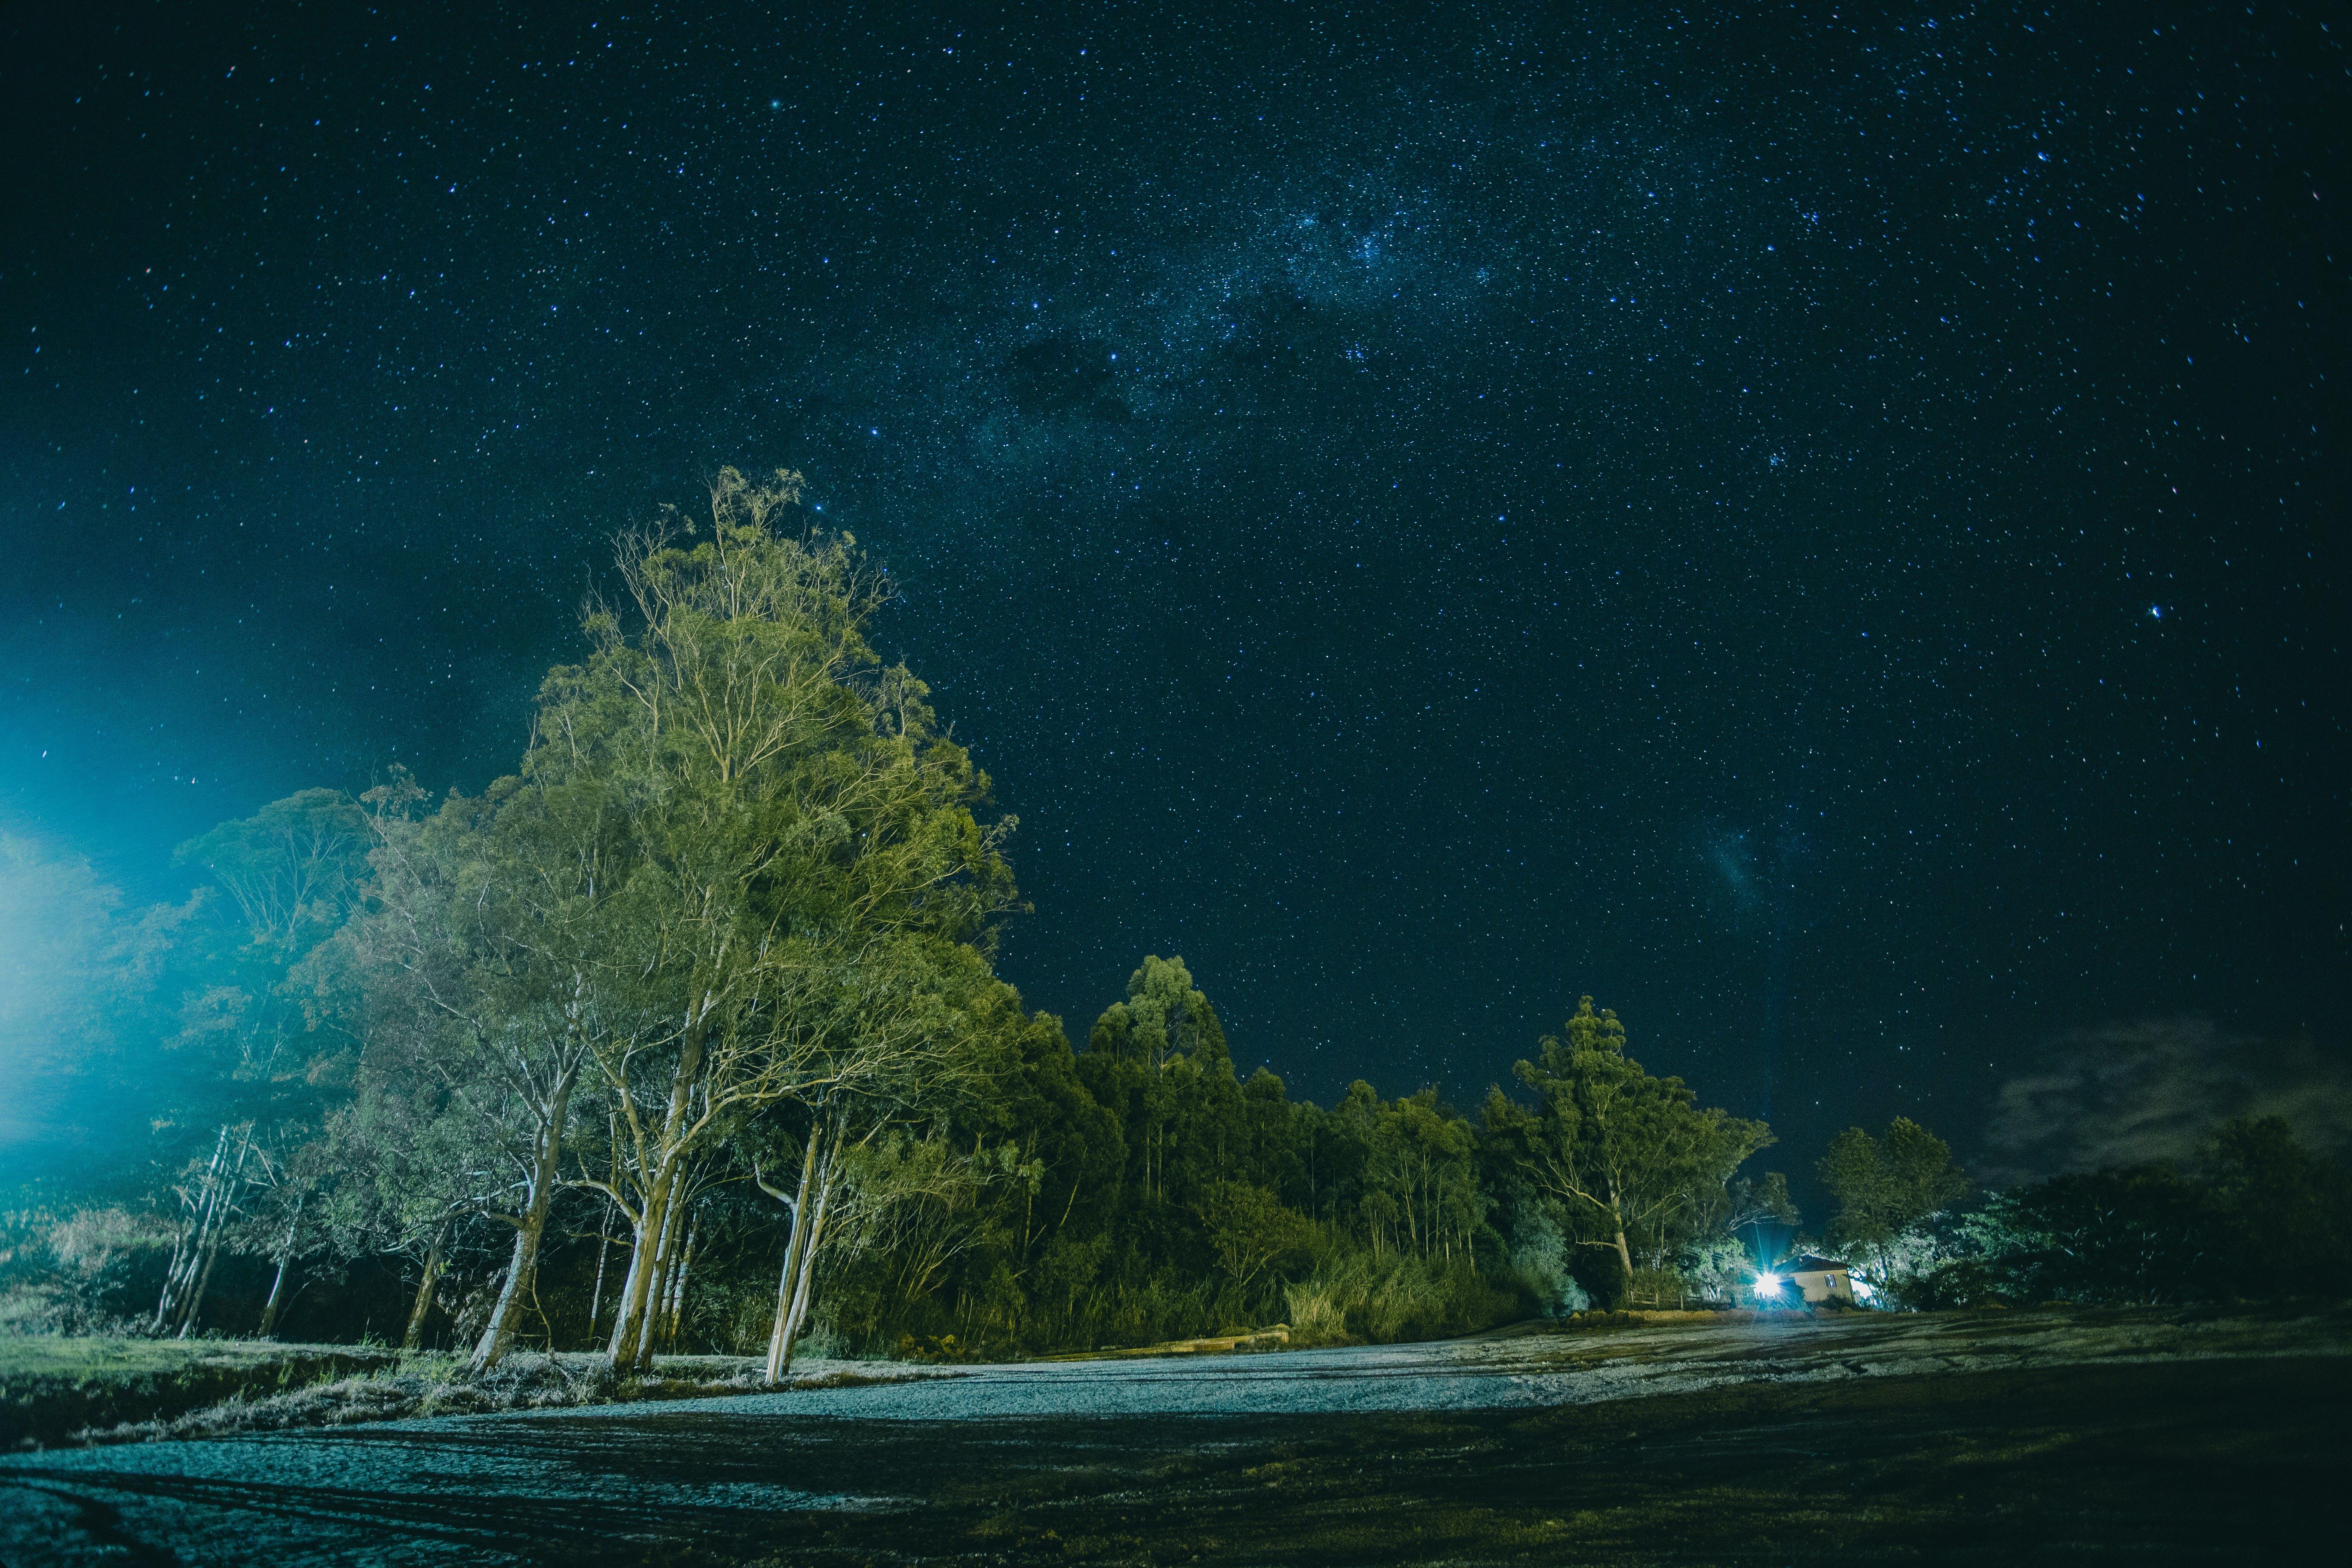 Бесплатное стоковое фото с galaxy, вечер, деревья, живописный